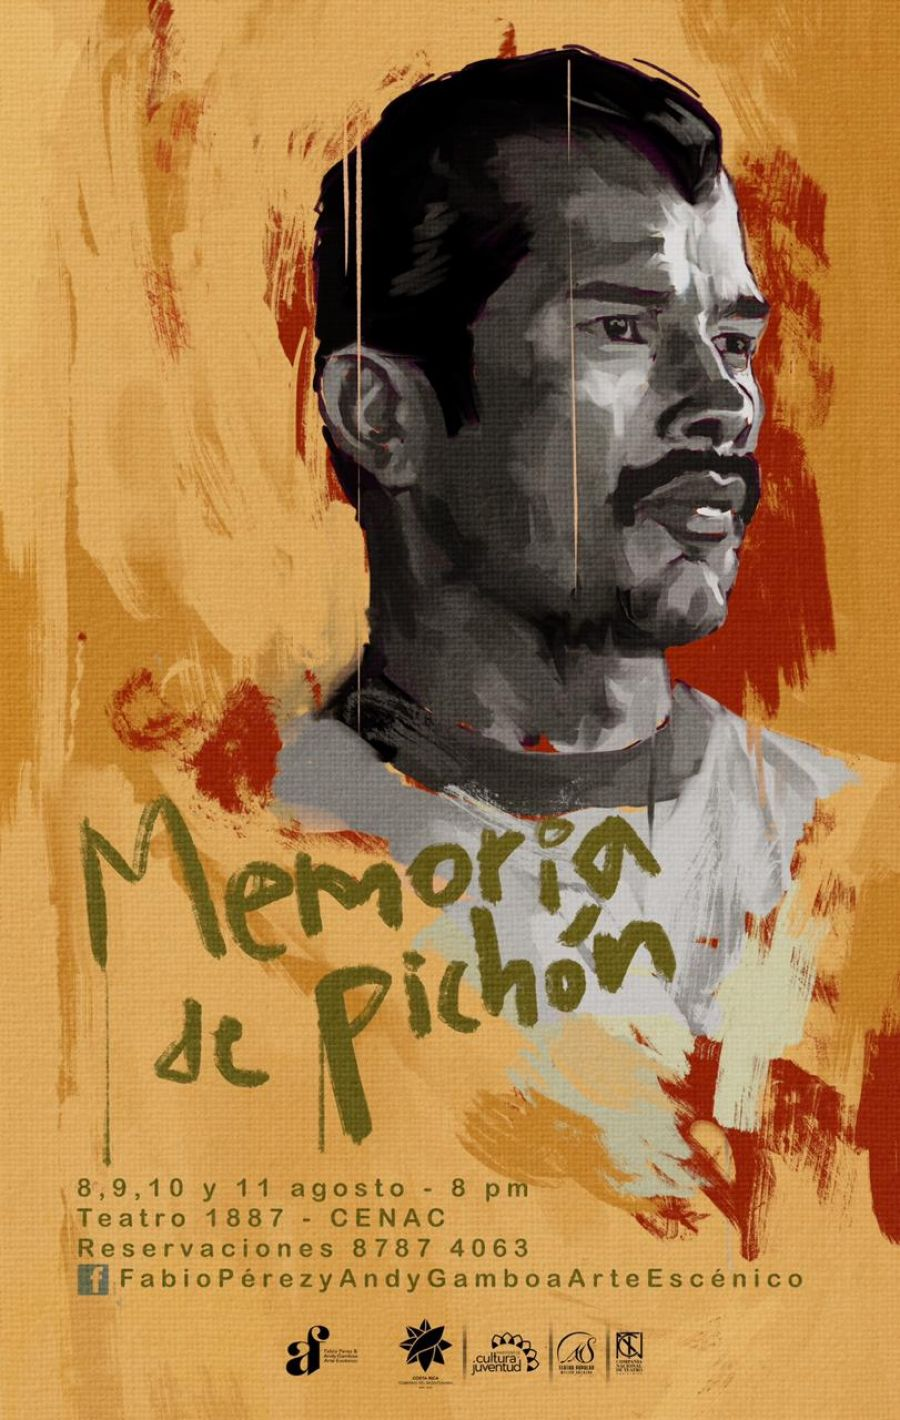 Memoria de Pichón. Fabio Pérez & Andy Gamboa. Arte escénico